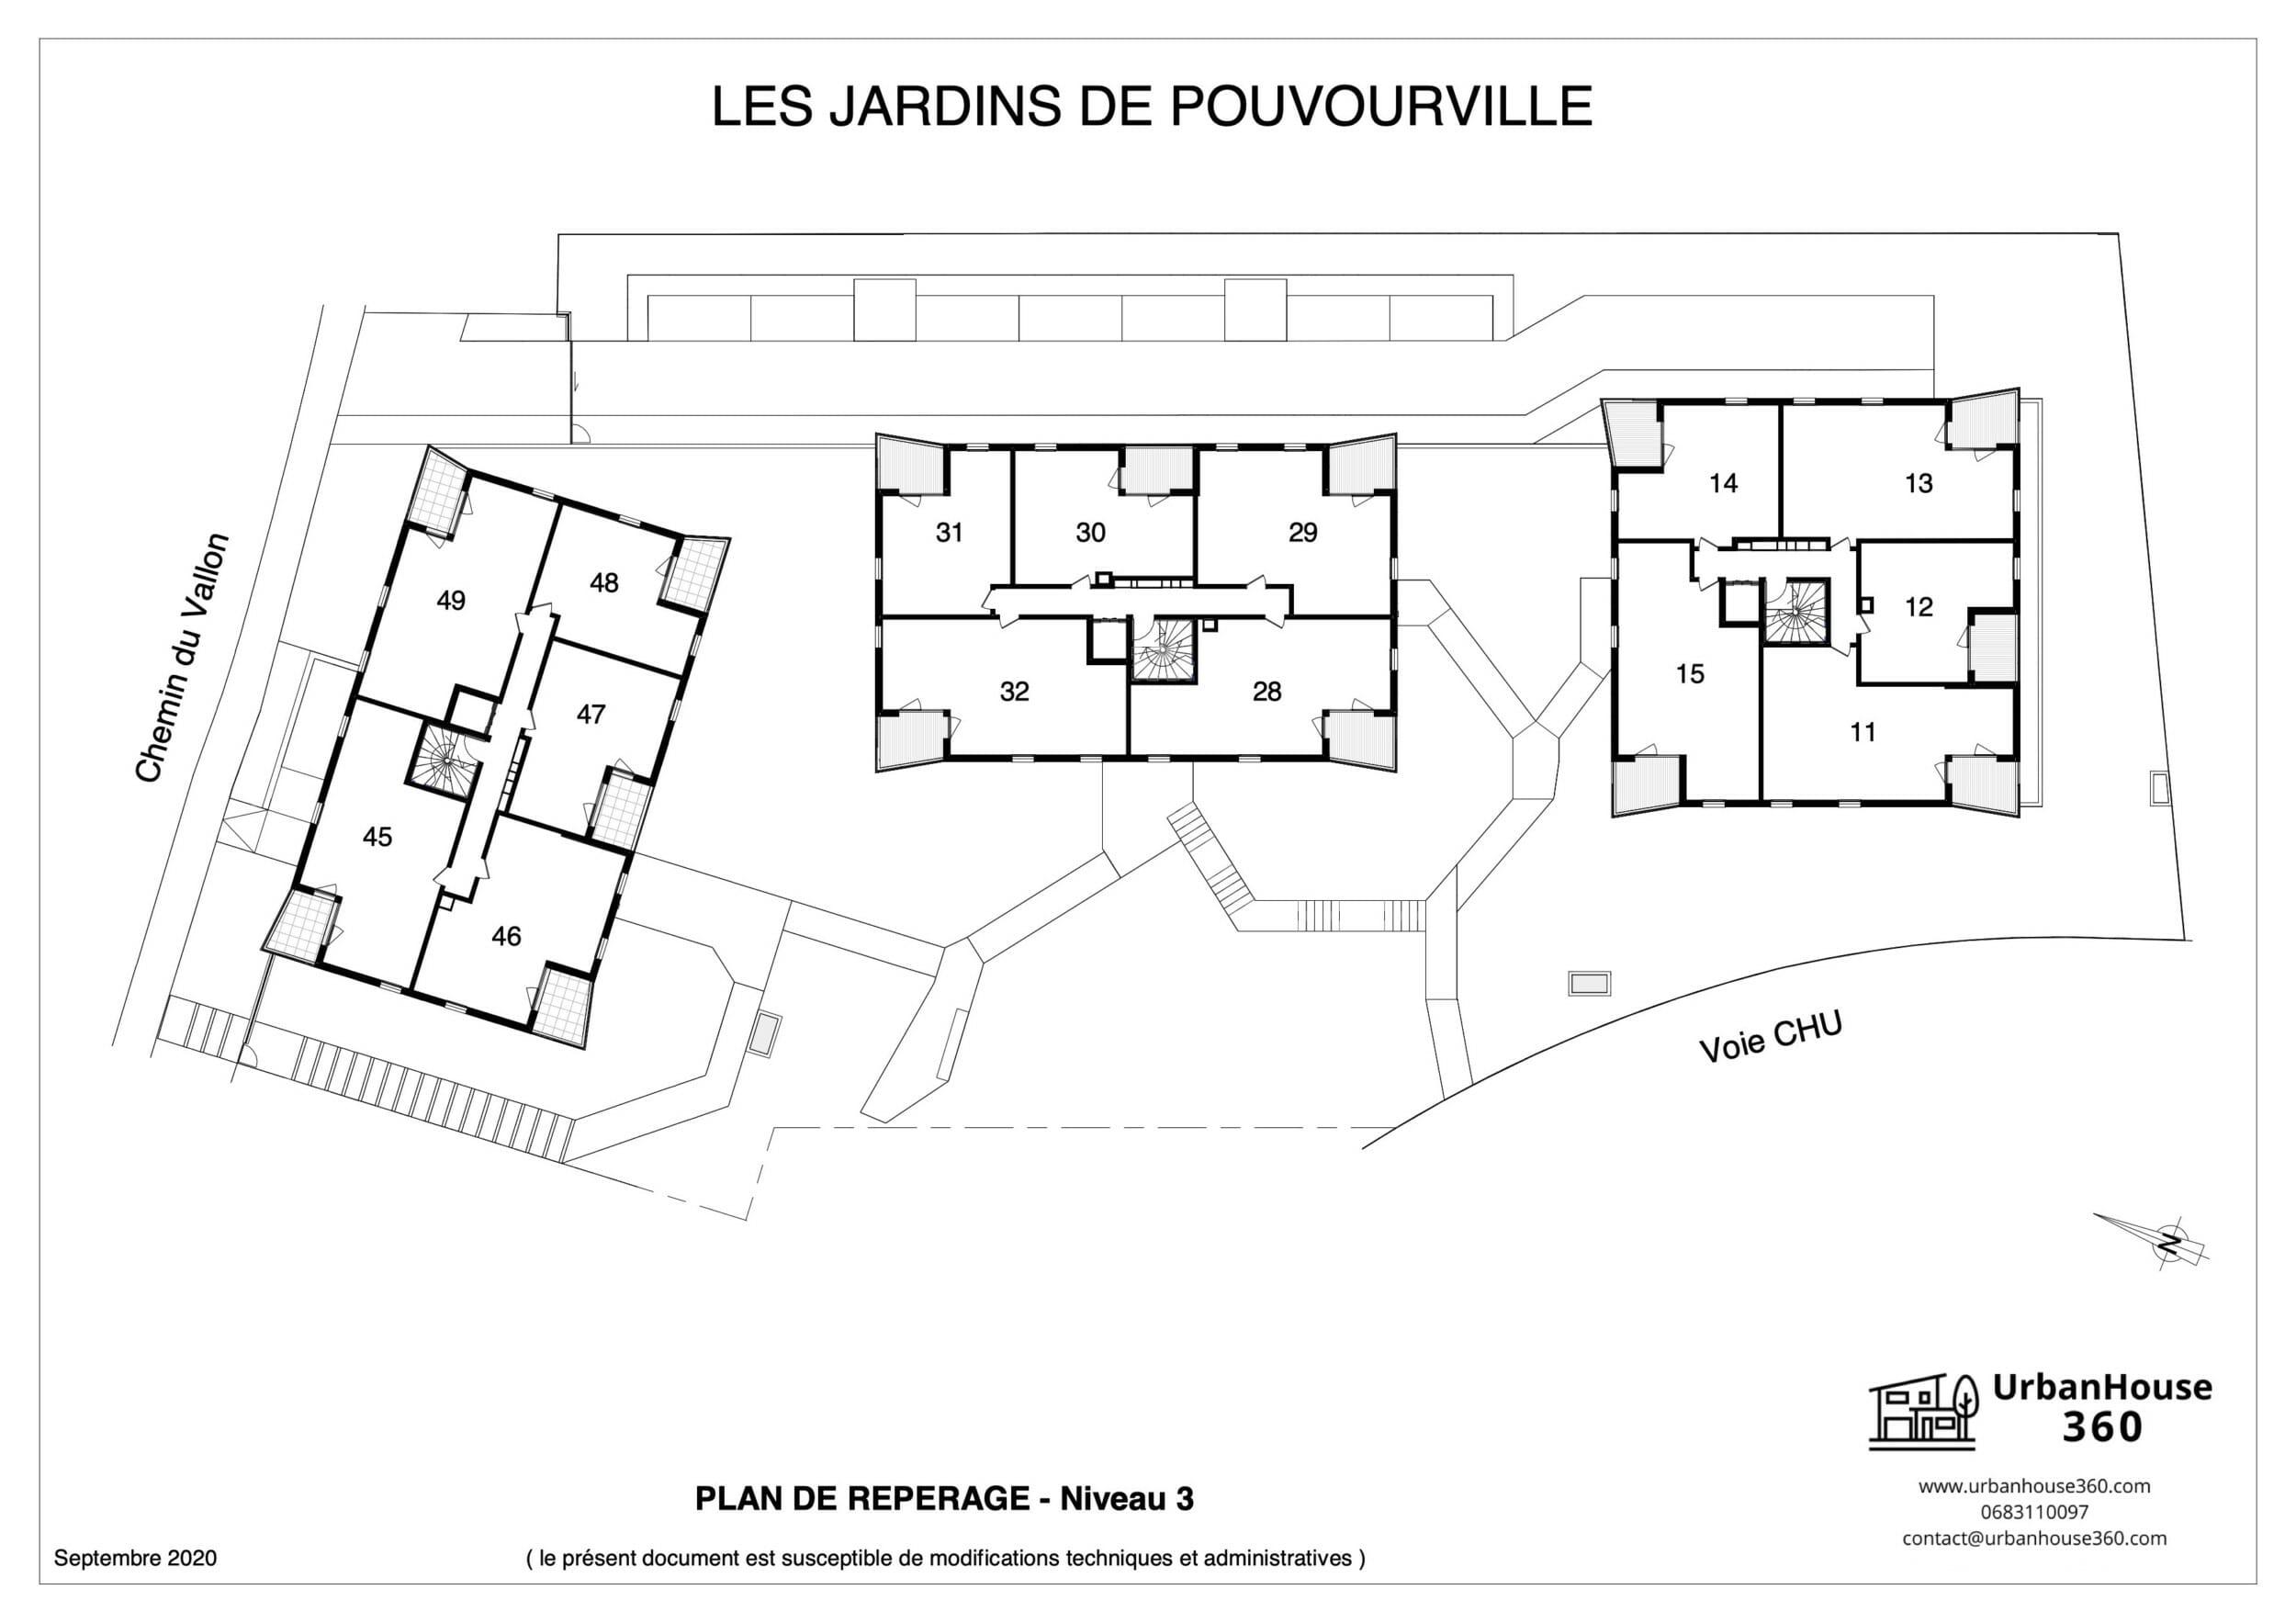 UrbanHouse360-plans_de_reperage-les_jardins_de_pouvourville 4